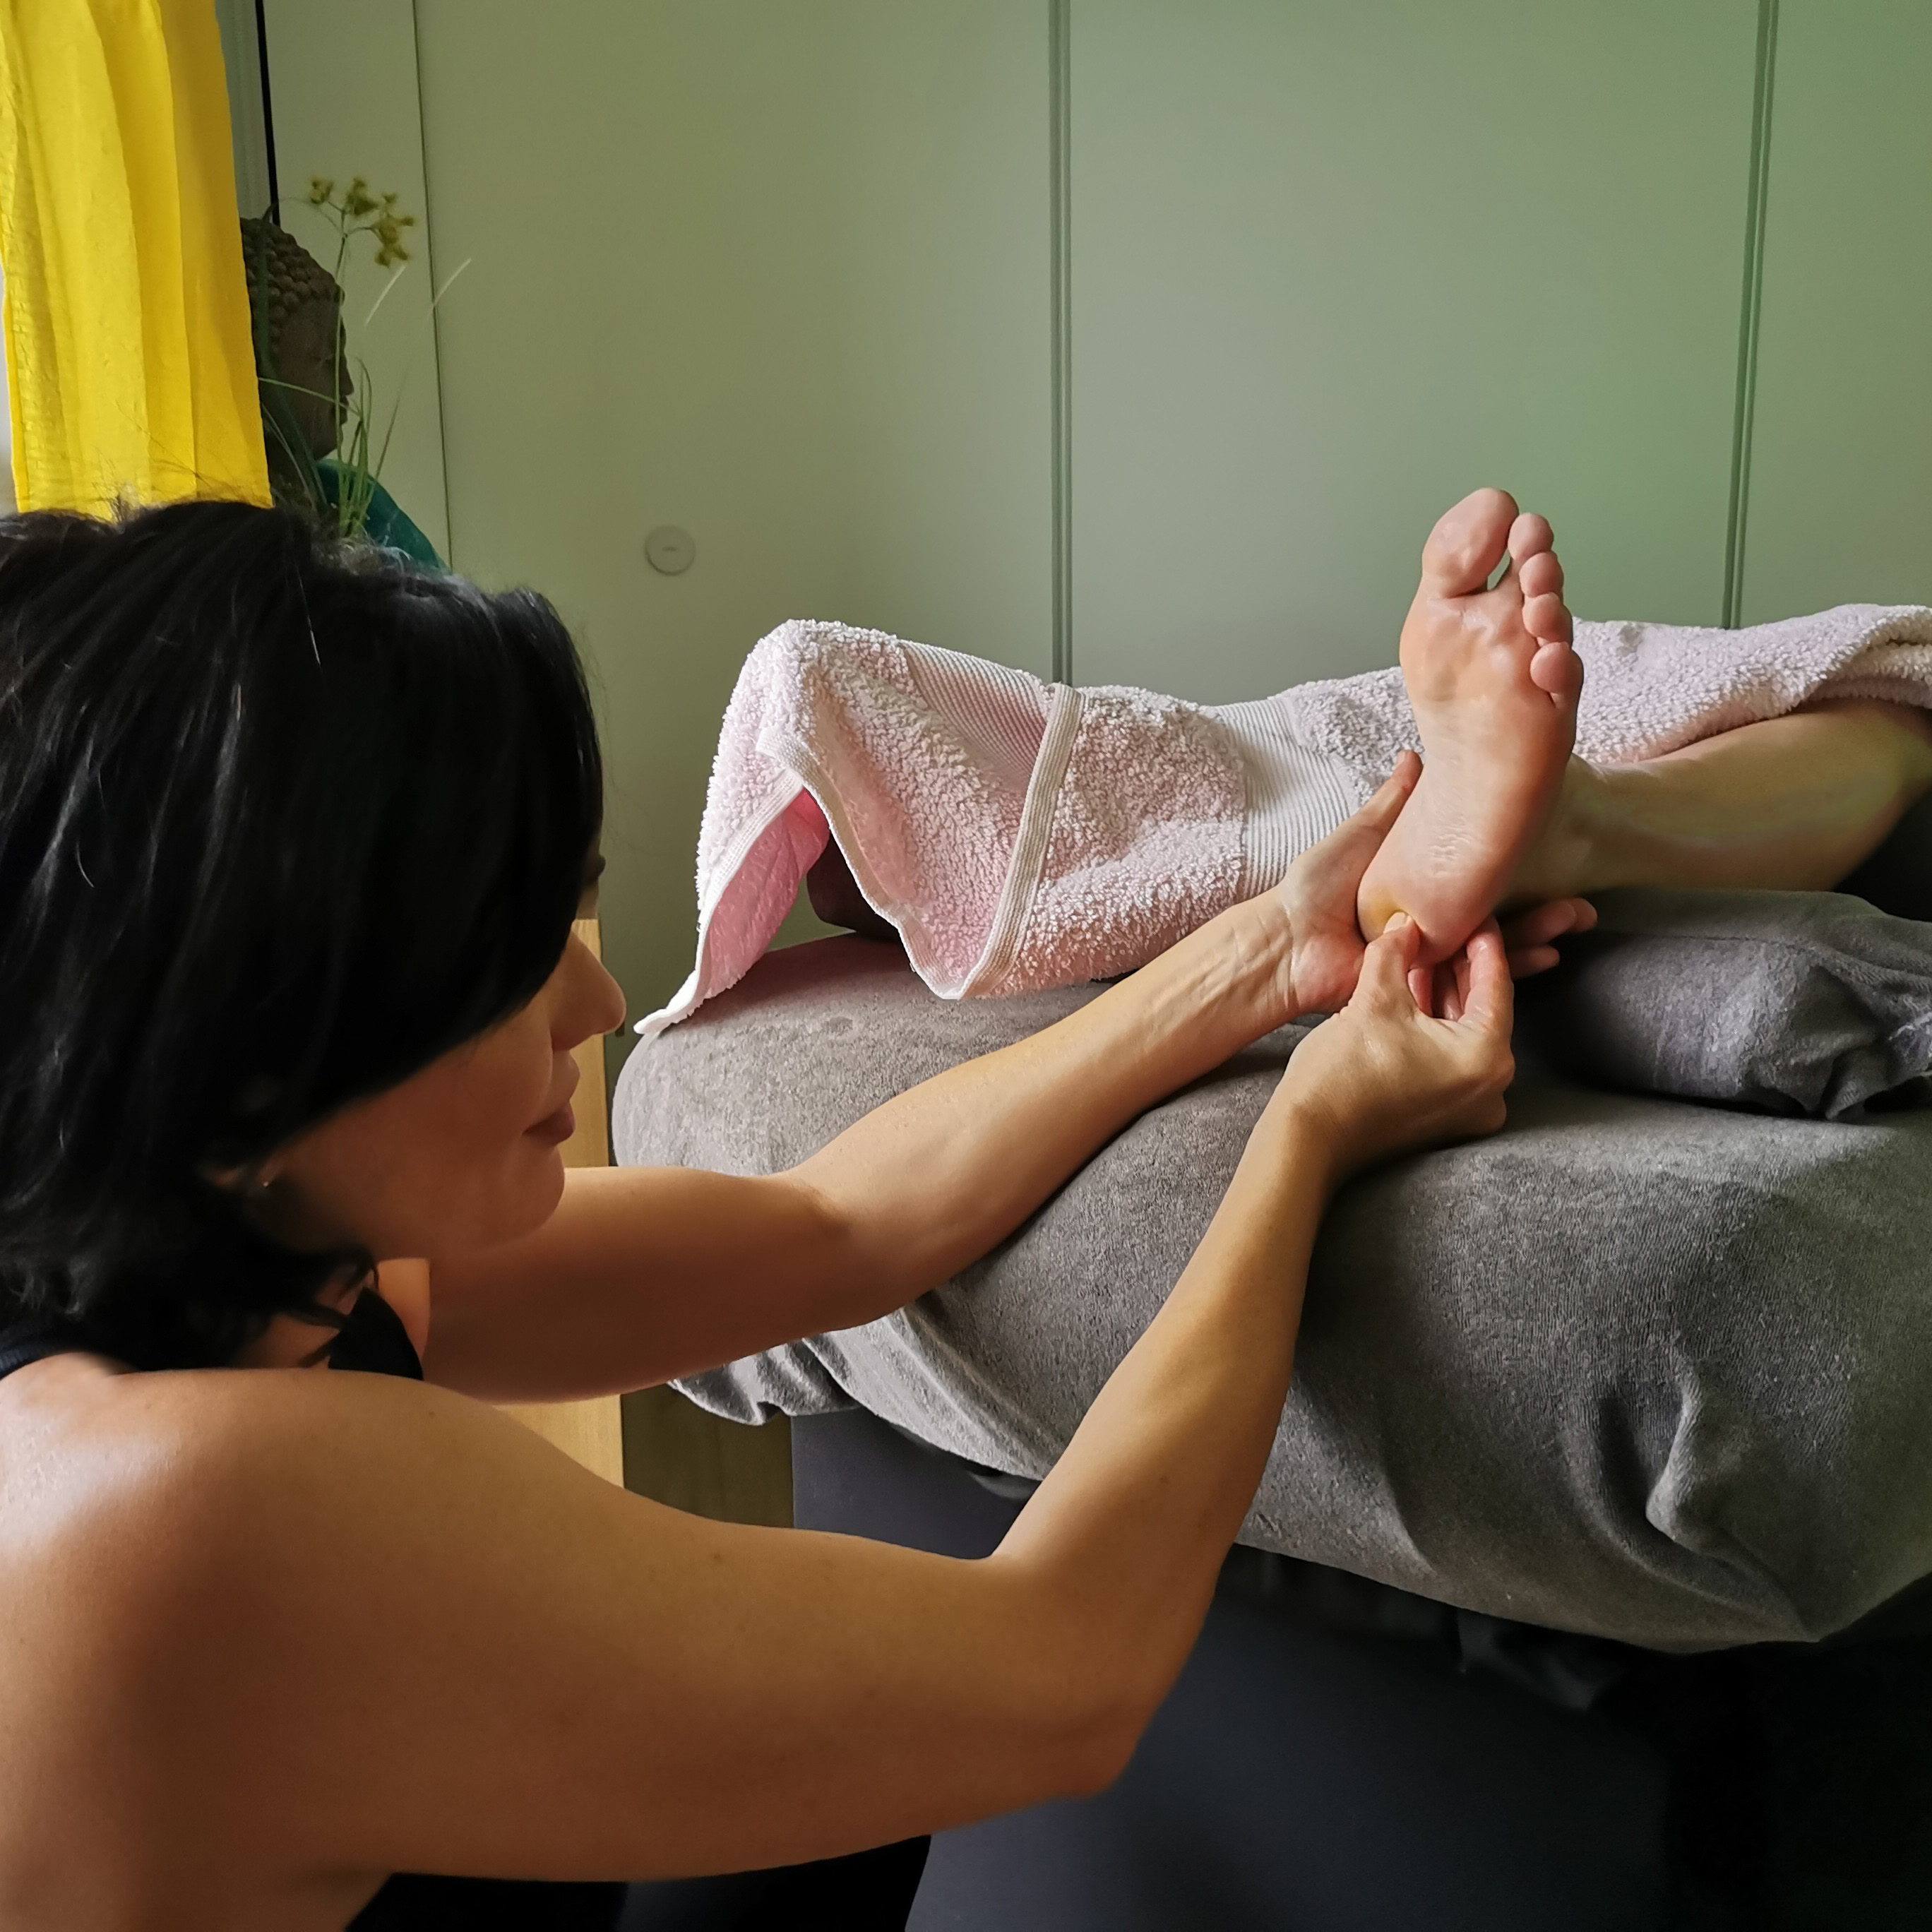 massage soulagement des pieds par la réflexologie plantaire et la réflexologie palmaire. Massage harmonie du corps